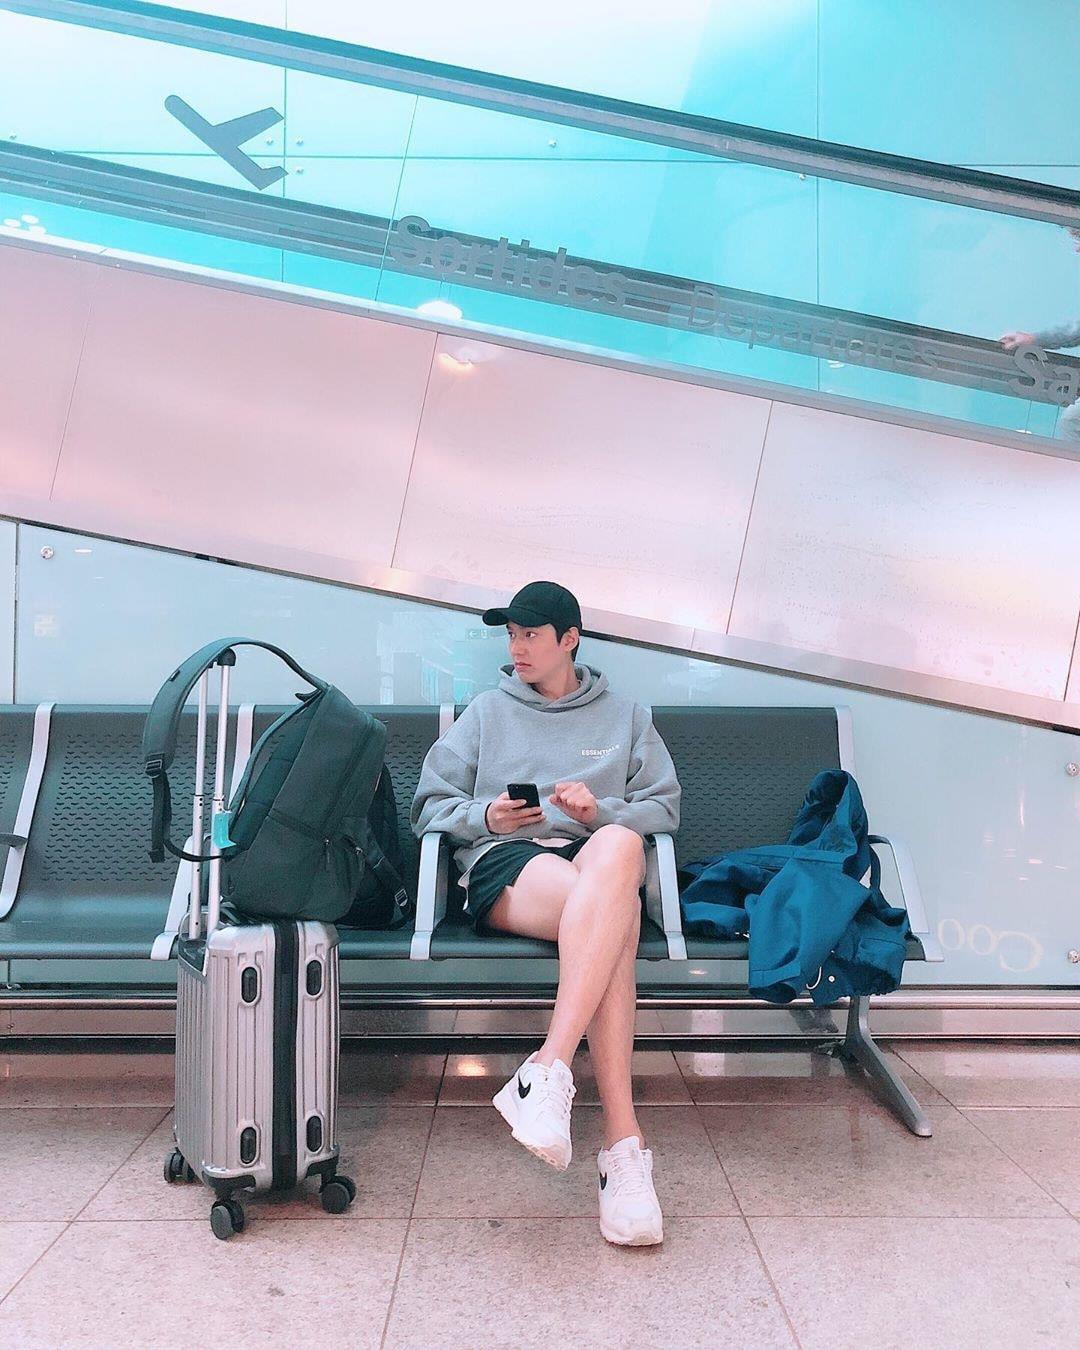 Lee Min Ho đẹp không chừa phần ai: Chân con trai mà trắng, thon và dài đến nỗi khiến chị em cũng phải ghen tỵ - Ảnh 2.